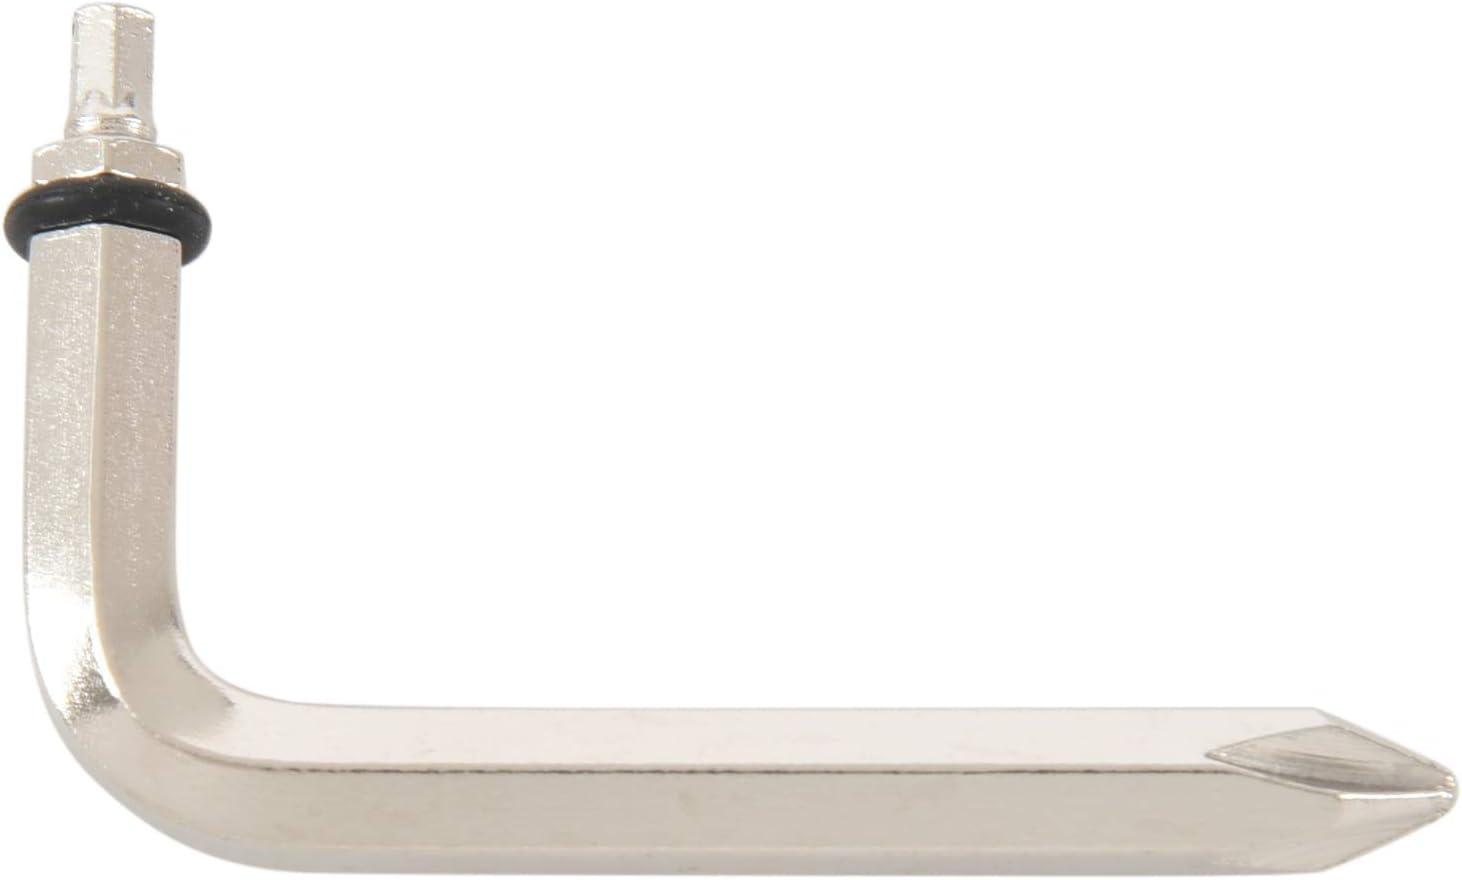 LQNB Black T SKATEBOARD ROLLER SKATE HEAVY DUTY MULTI T TOOL NEW